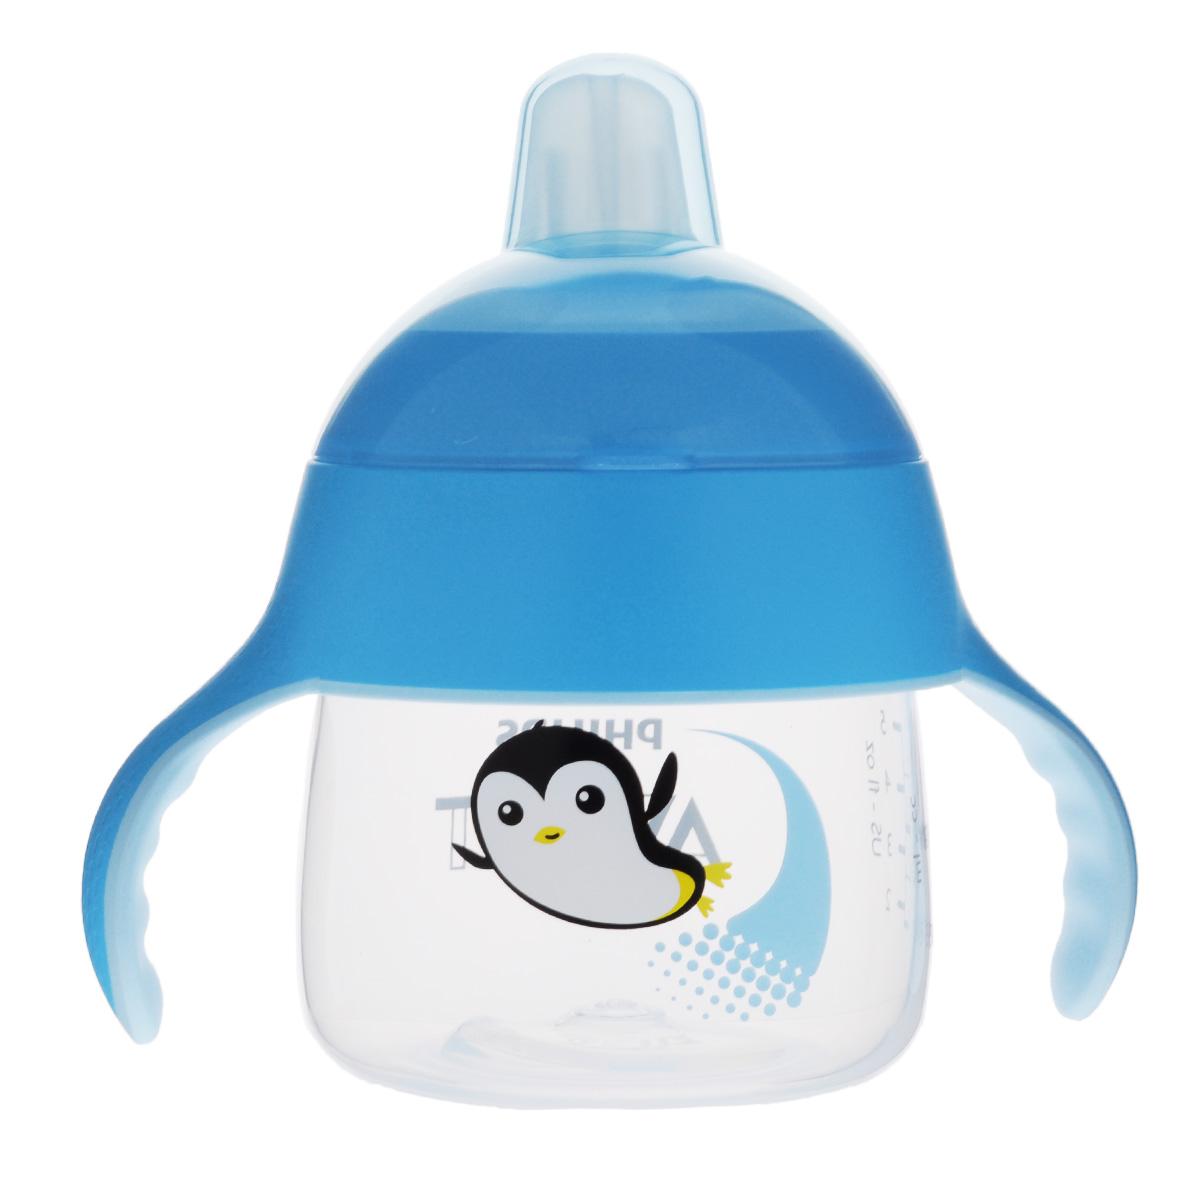 Philips Avent Волшебная чашка-непроливайка от 6 месяцев цвет: голубой, 200 мл SCF751/00